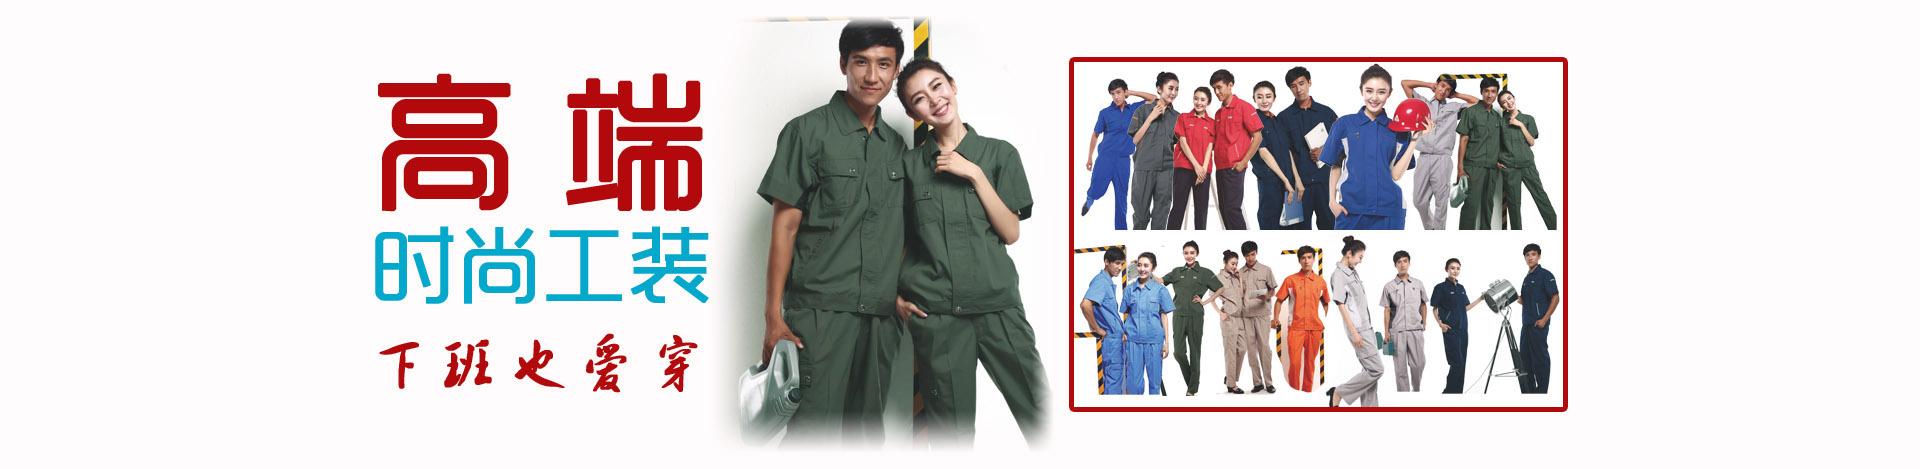 柳州工作服,工作服定做,工作服厂家,汽修工作服,劳保服厂家,建材工作服,工程服,工作服夏装,订做工作服,装饰工作服,工作服冬装,纯棉工作服